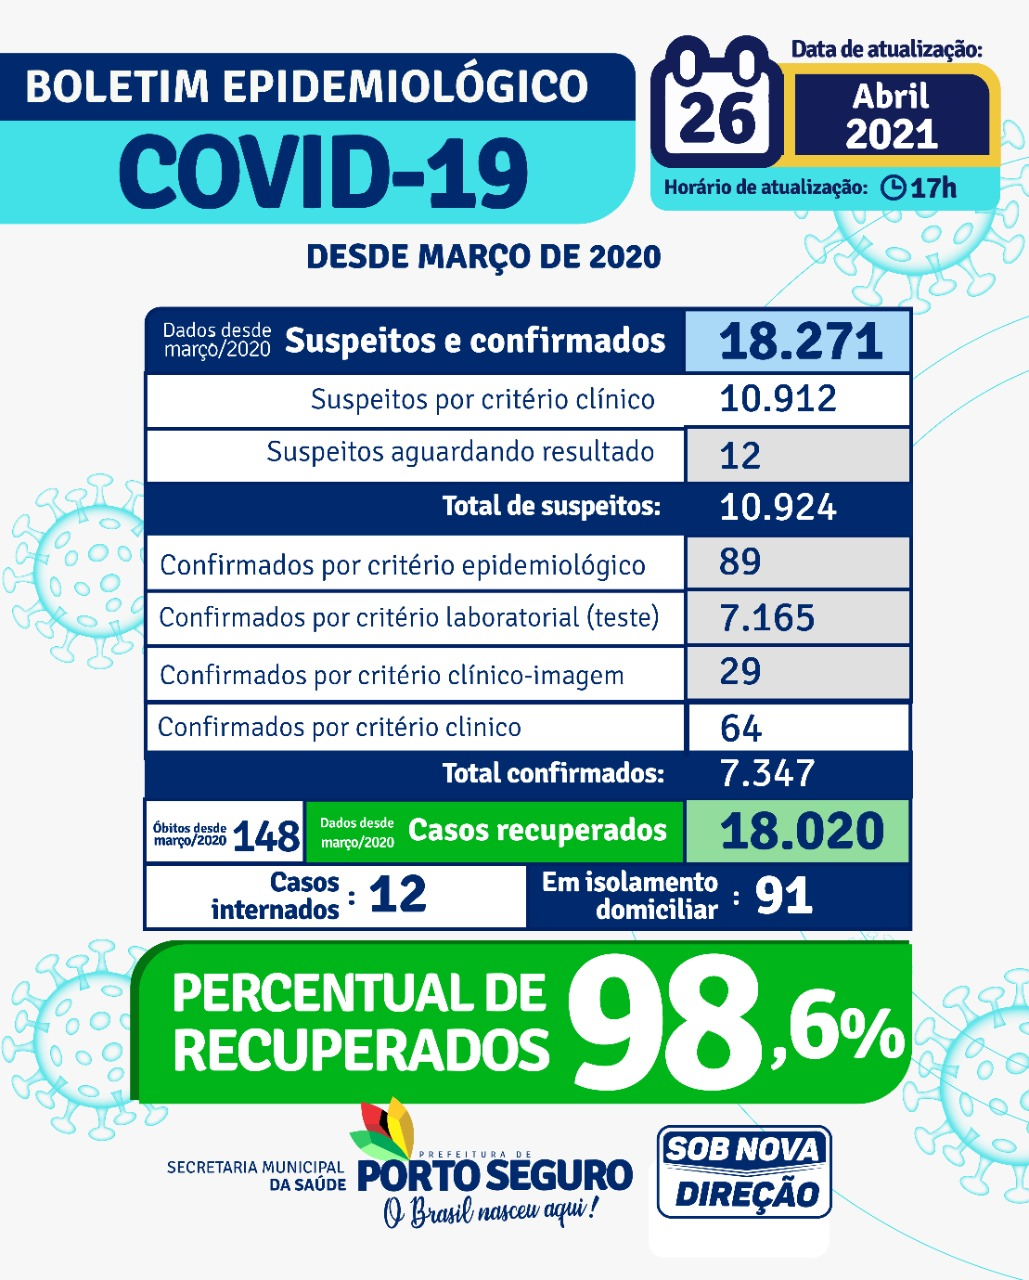 PORTO SEGURO: Boletim Coronavírus 26/04/2021 24